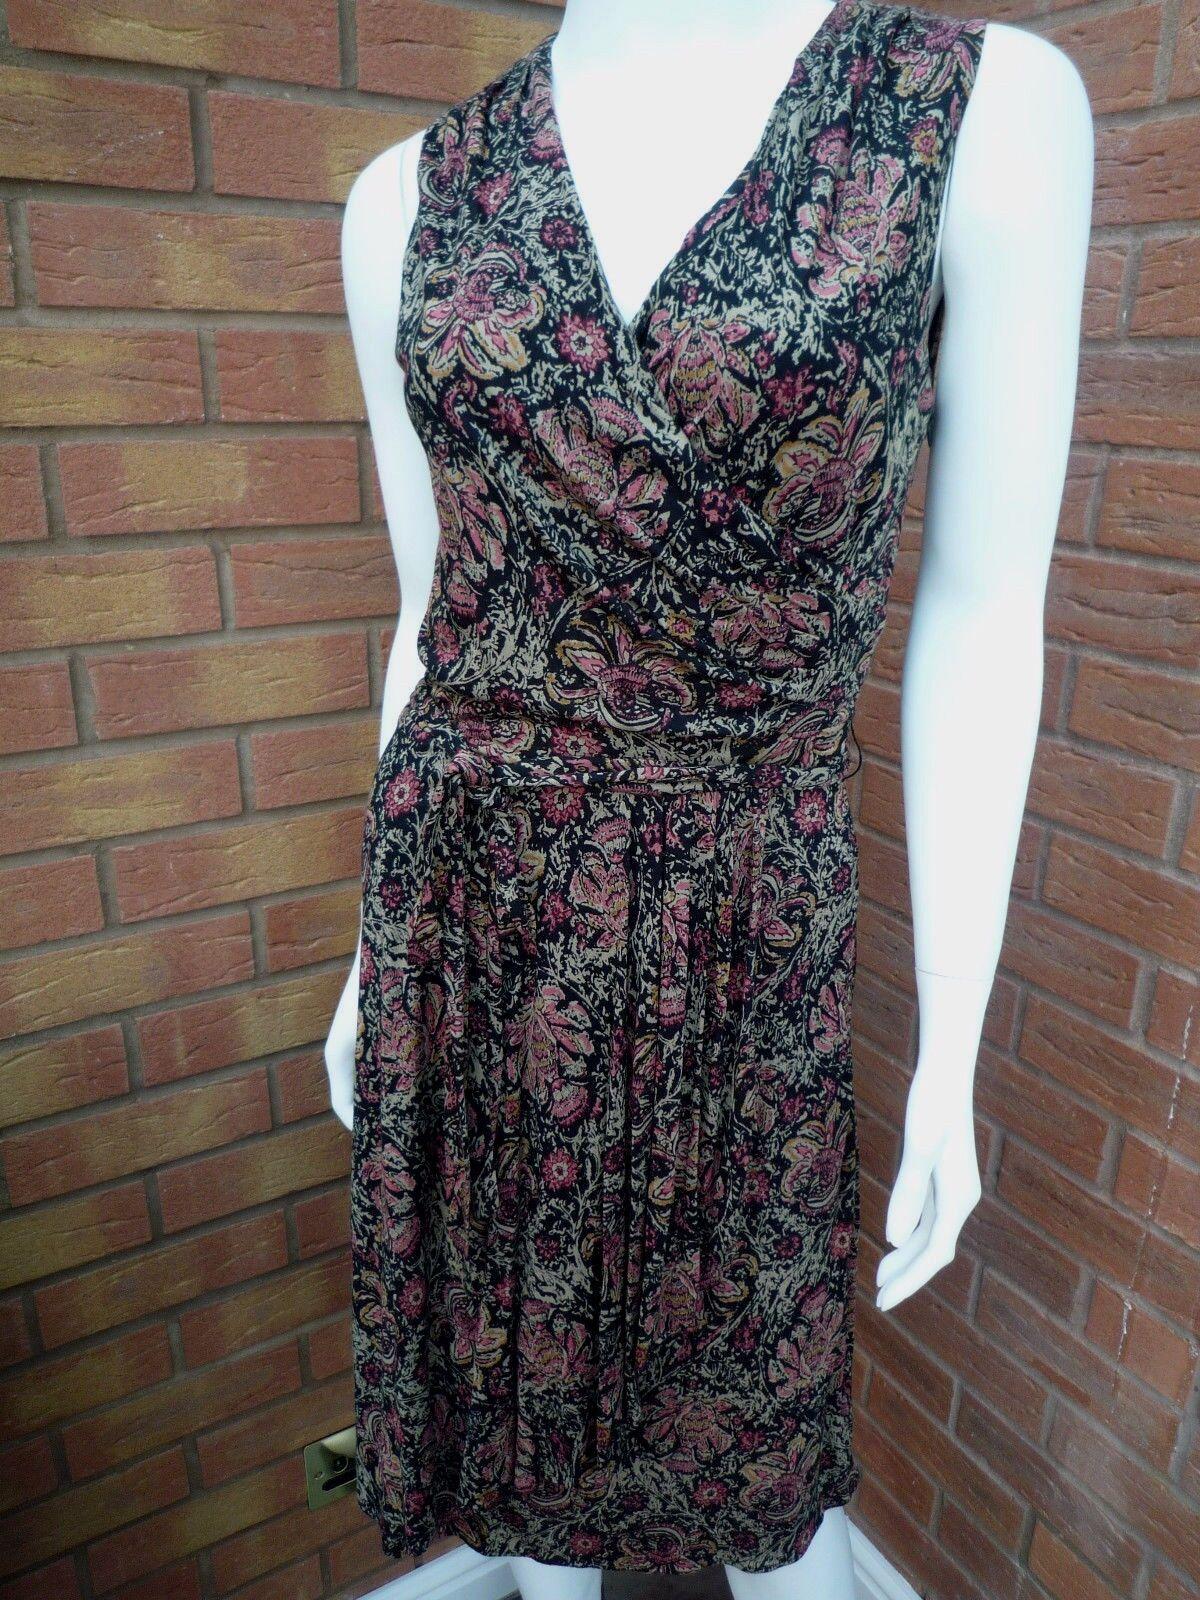 RALPH LAUREN FLORAL SLEEVELESS RUFFLE DRESS RETAIL  Größe XS   UK 8